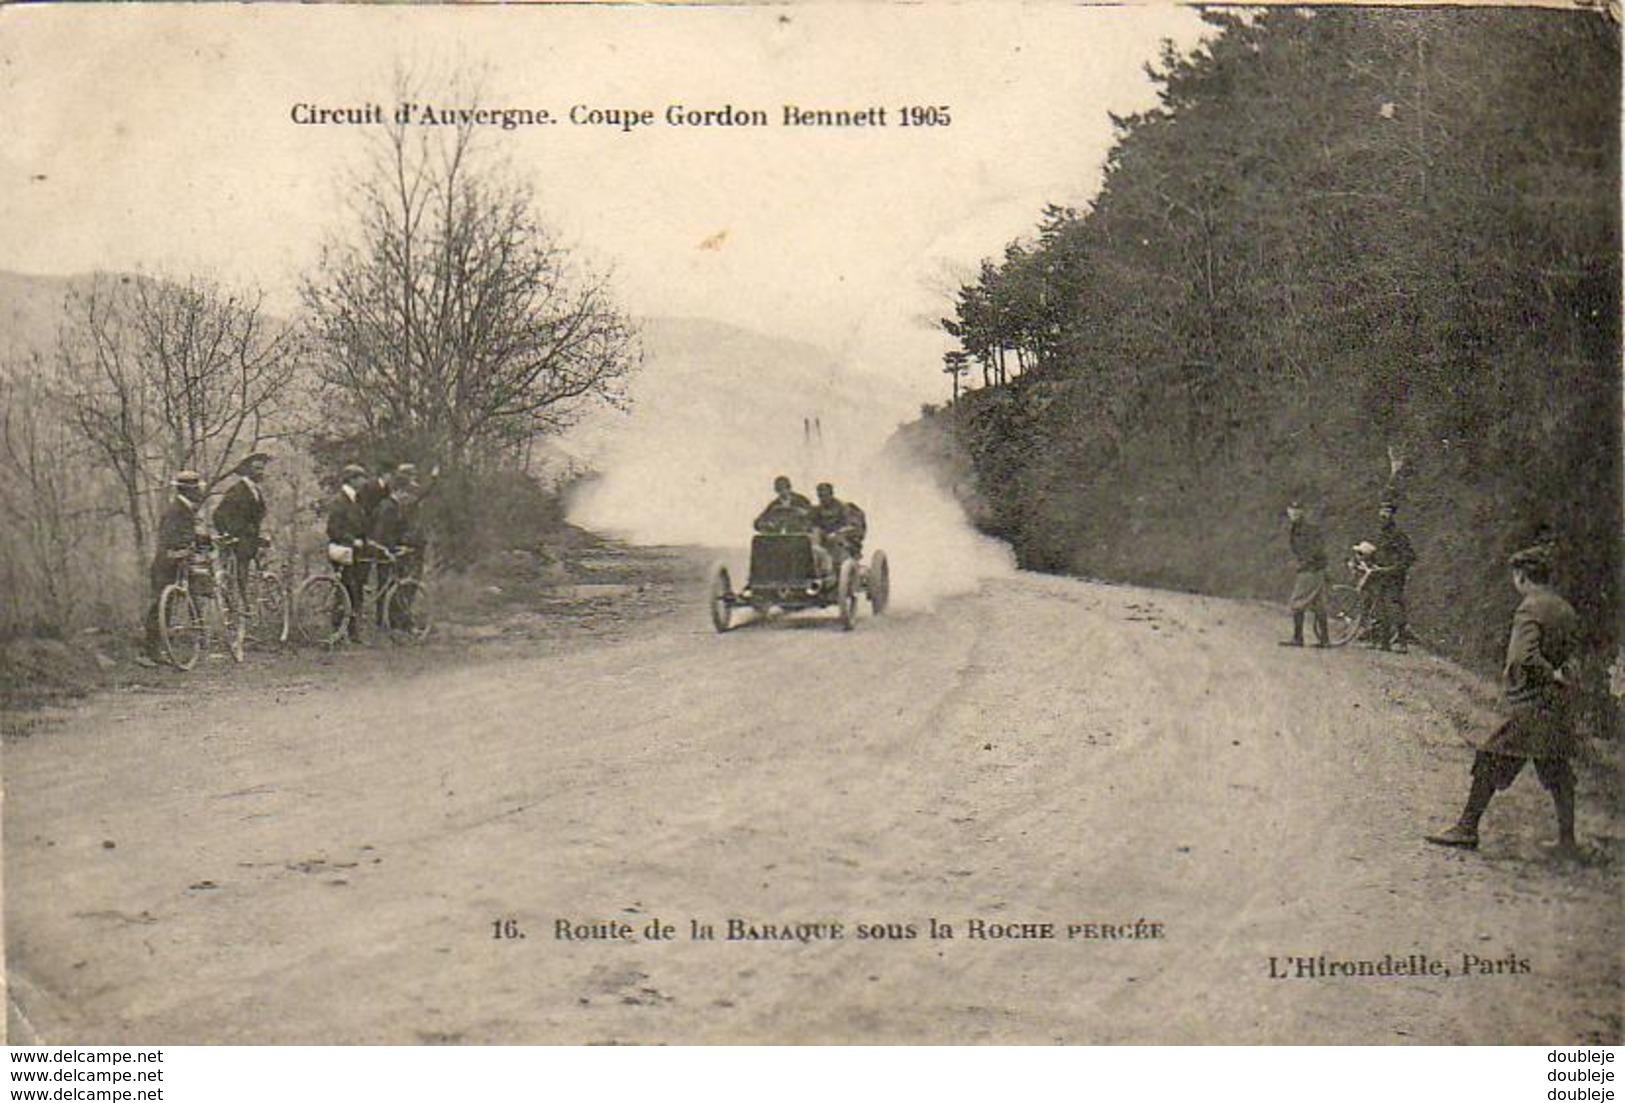 Circuit D'Auvergne Coupe Gordon Bennett 1905 Route De La Baraque Sous La Roche Percée - Sport Automobile